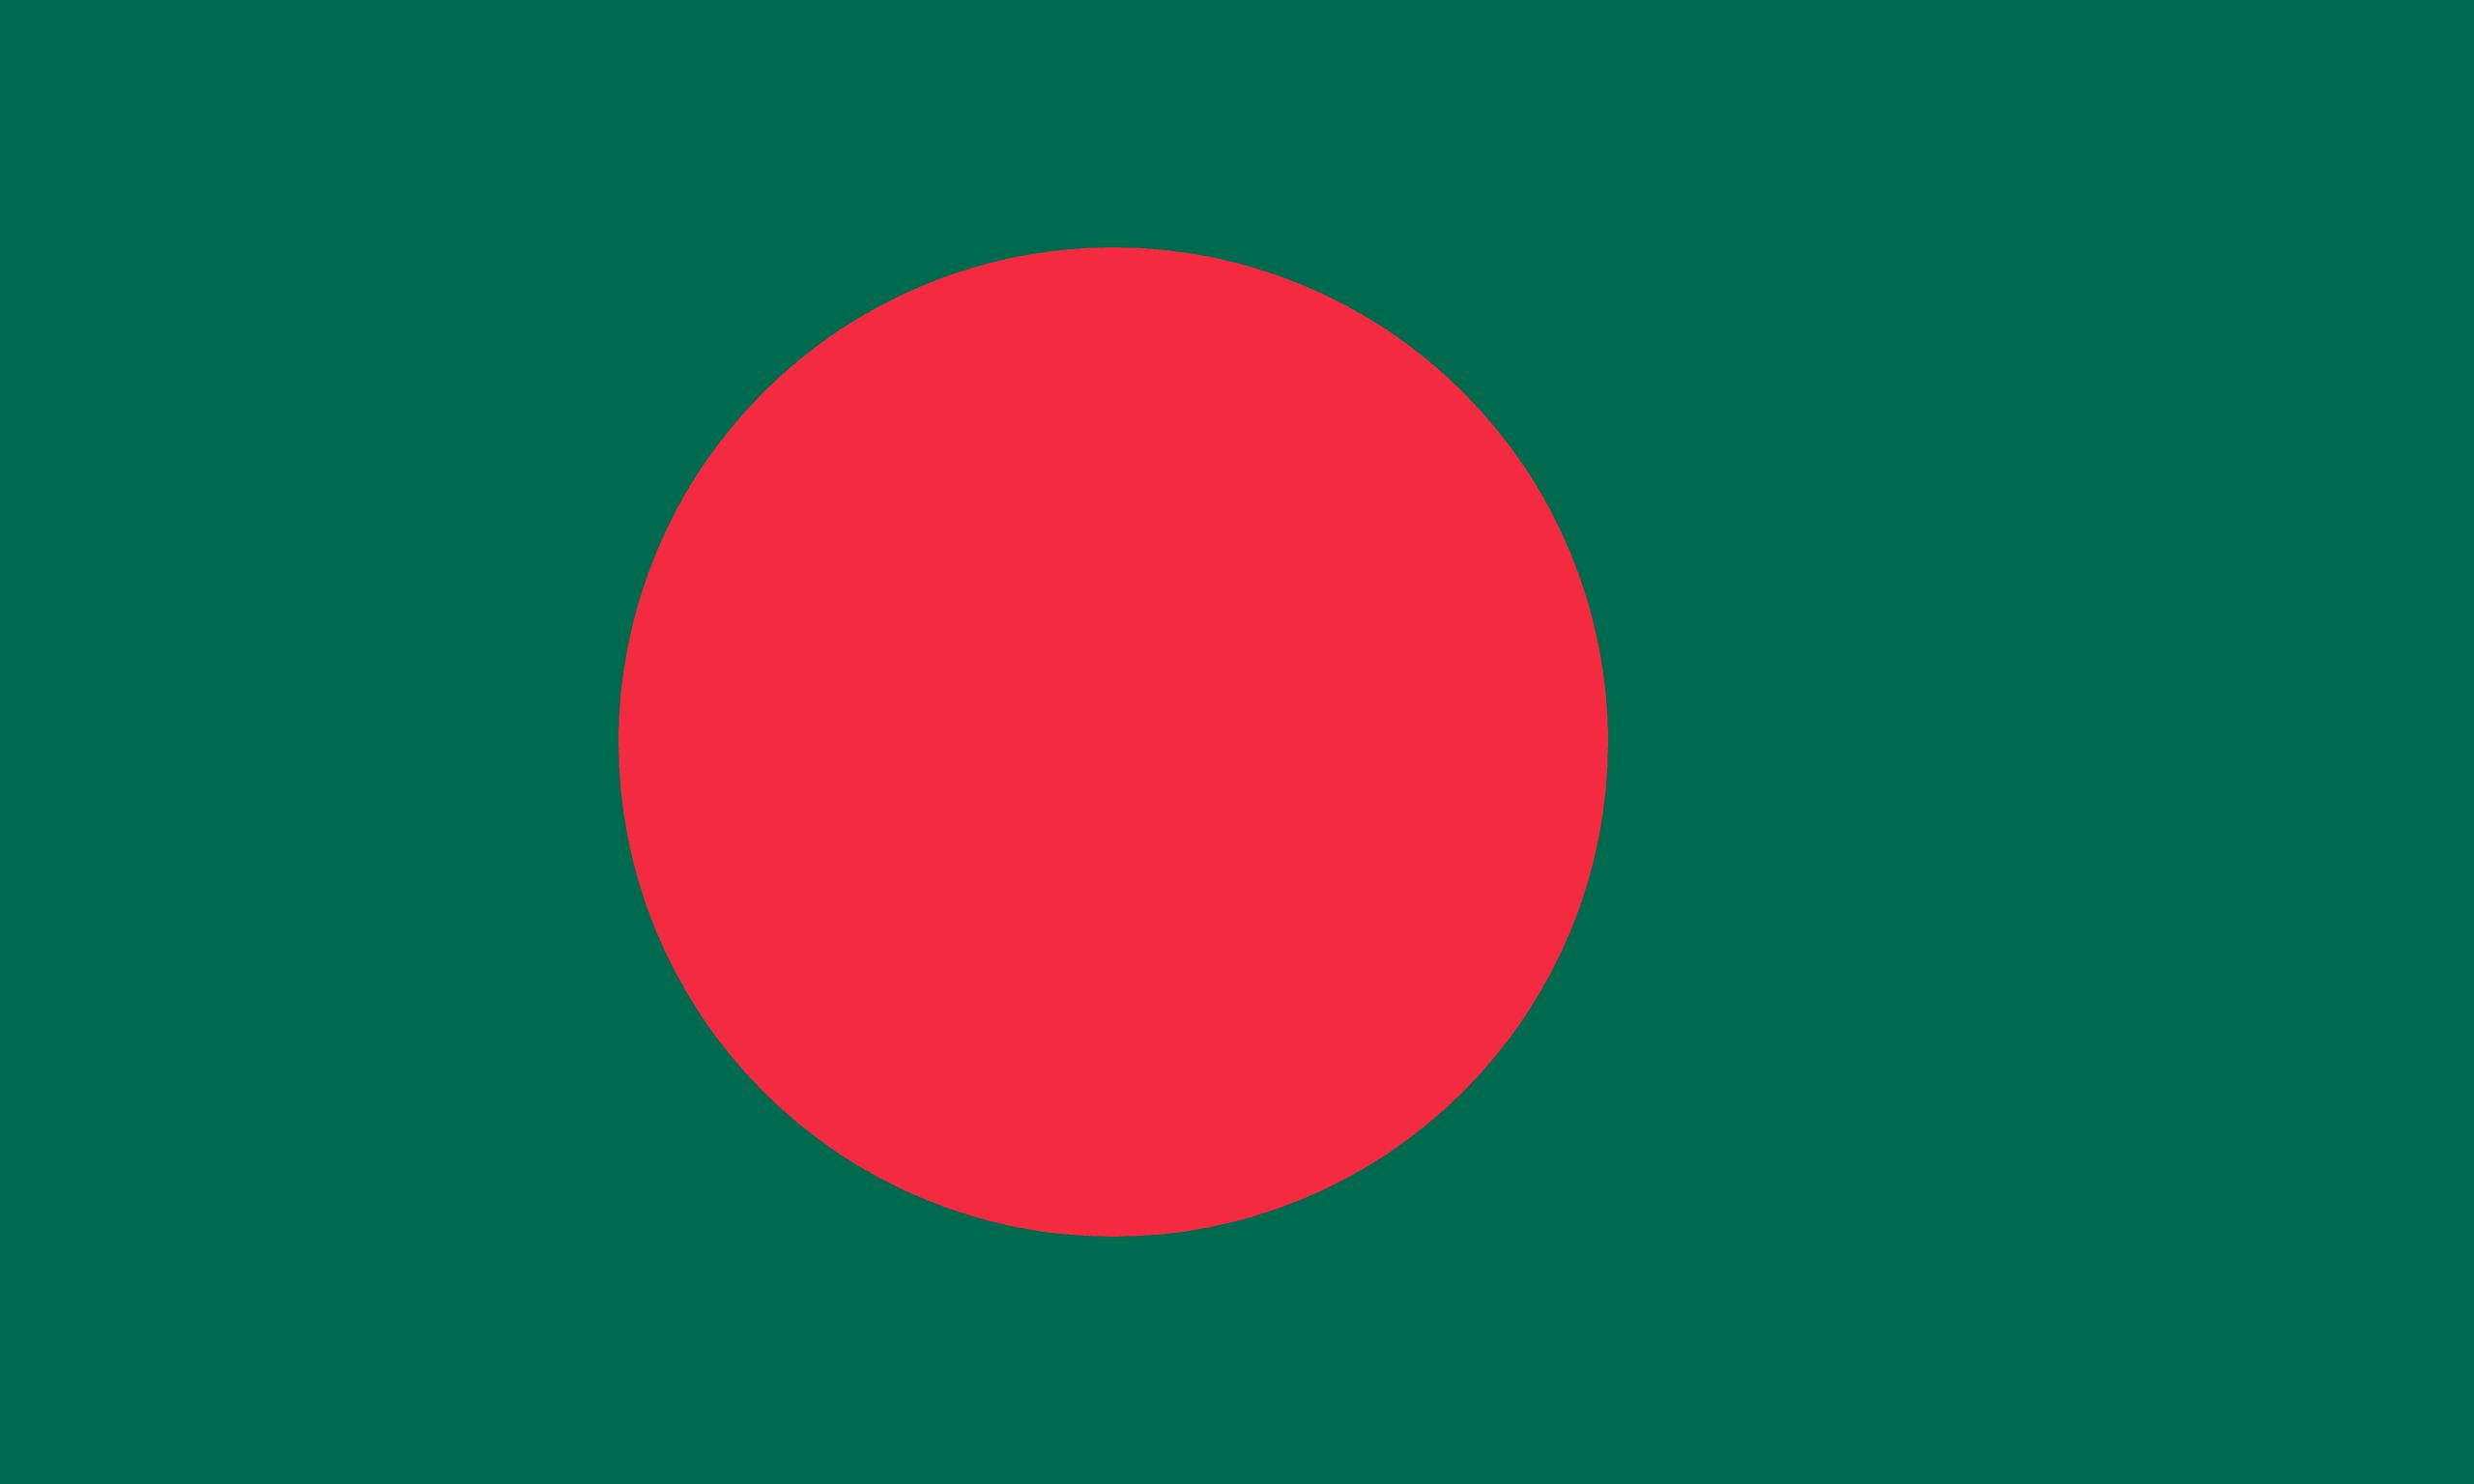 Bildergebnis für bangladesch flagge